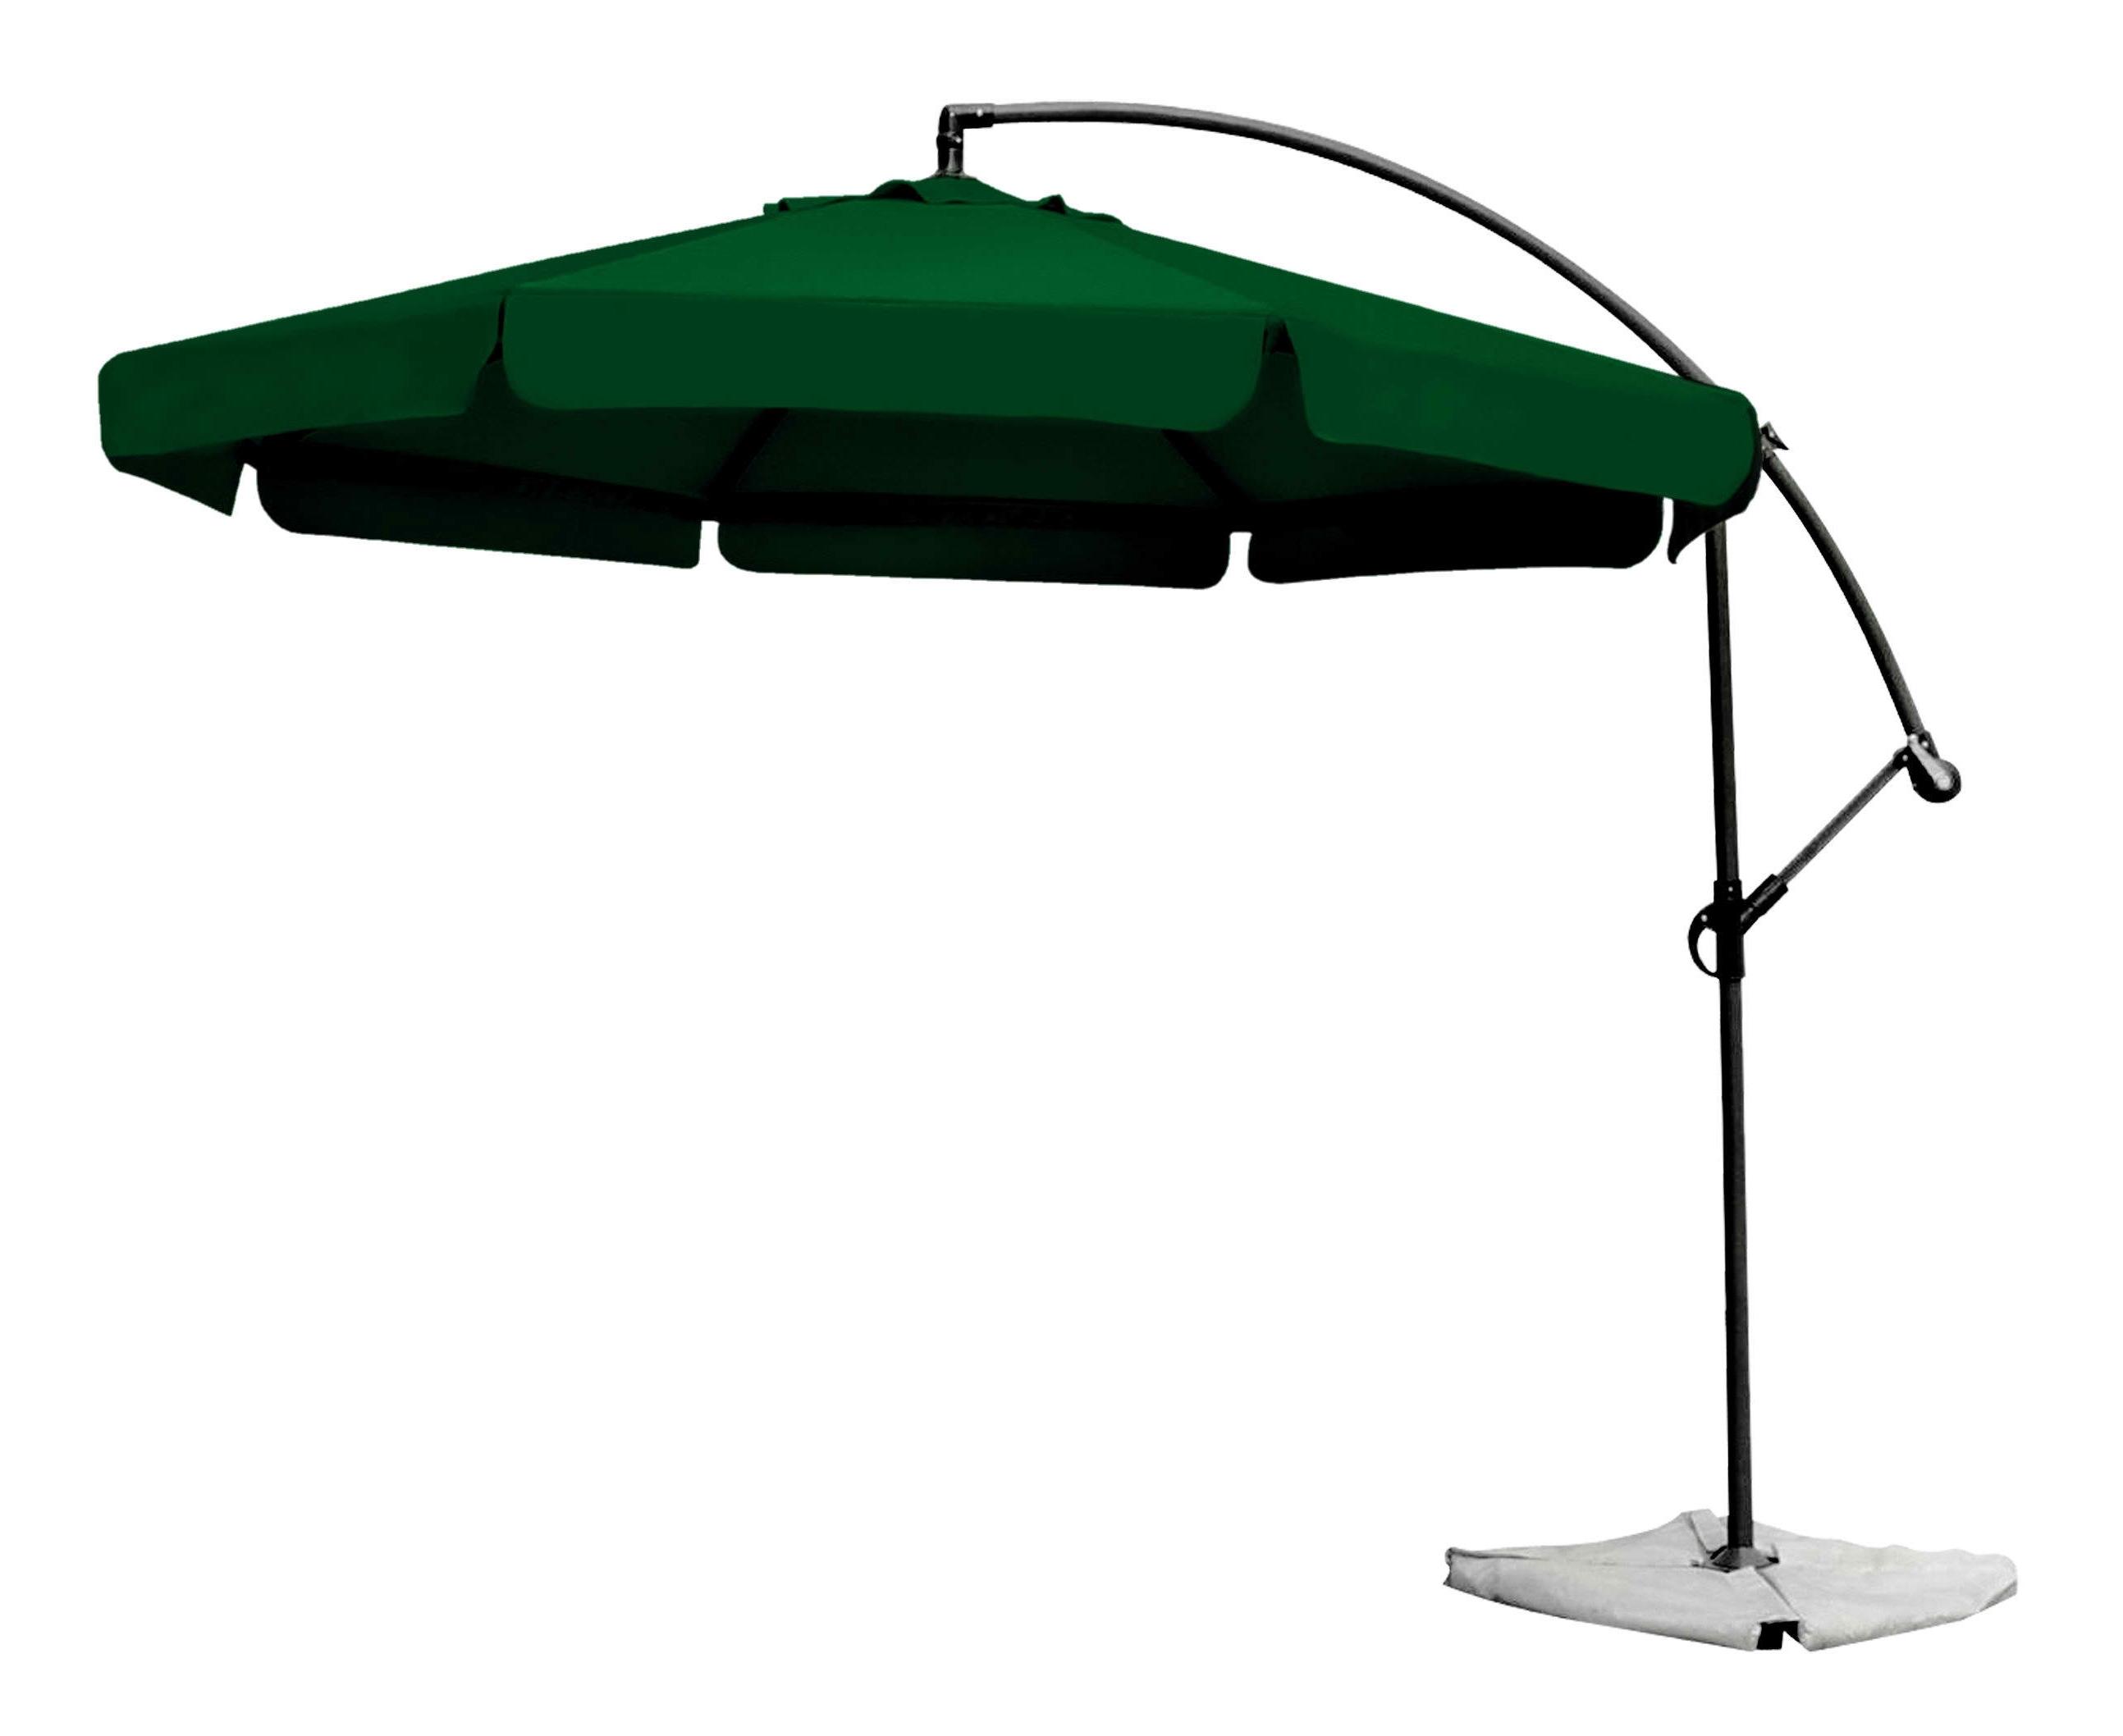 Walmart Patio Umbrellas Pertaining To Recent Walmart Umbrellas Patio Elegant Furniture Walmart Patio Umbrella (View 17 of 20)